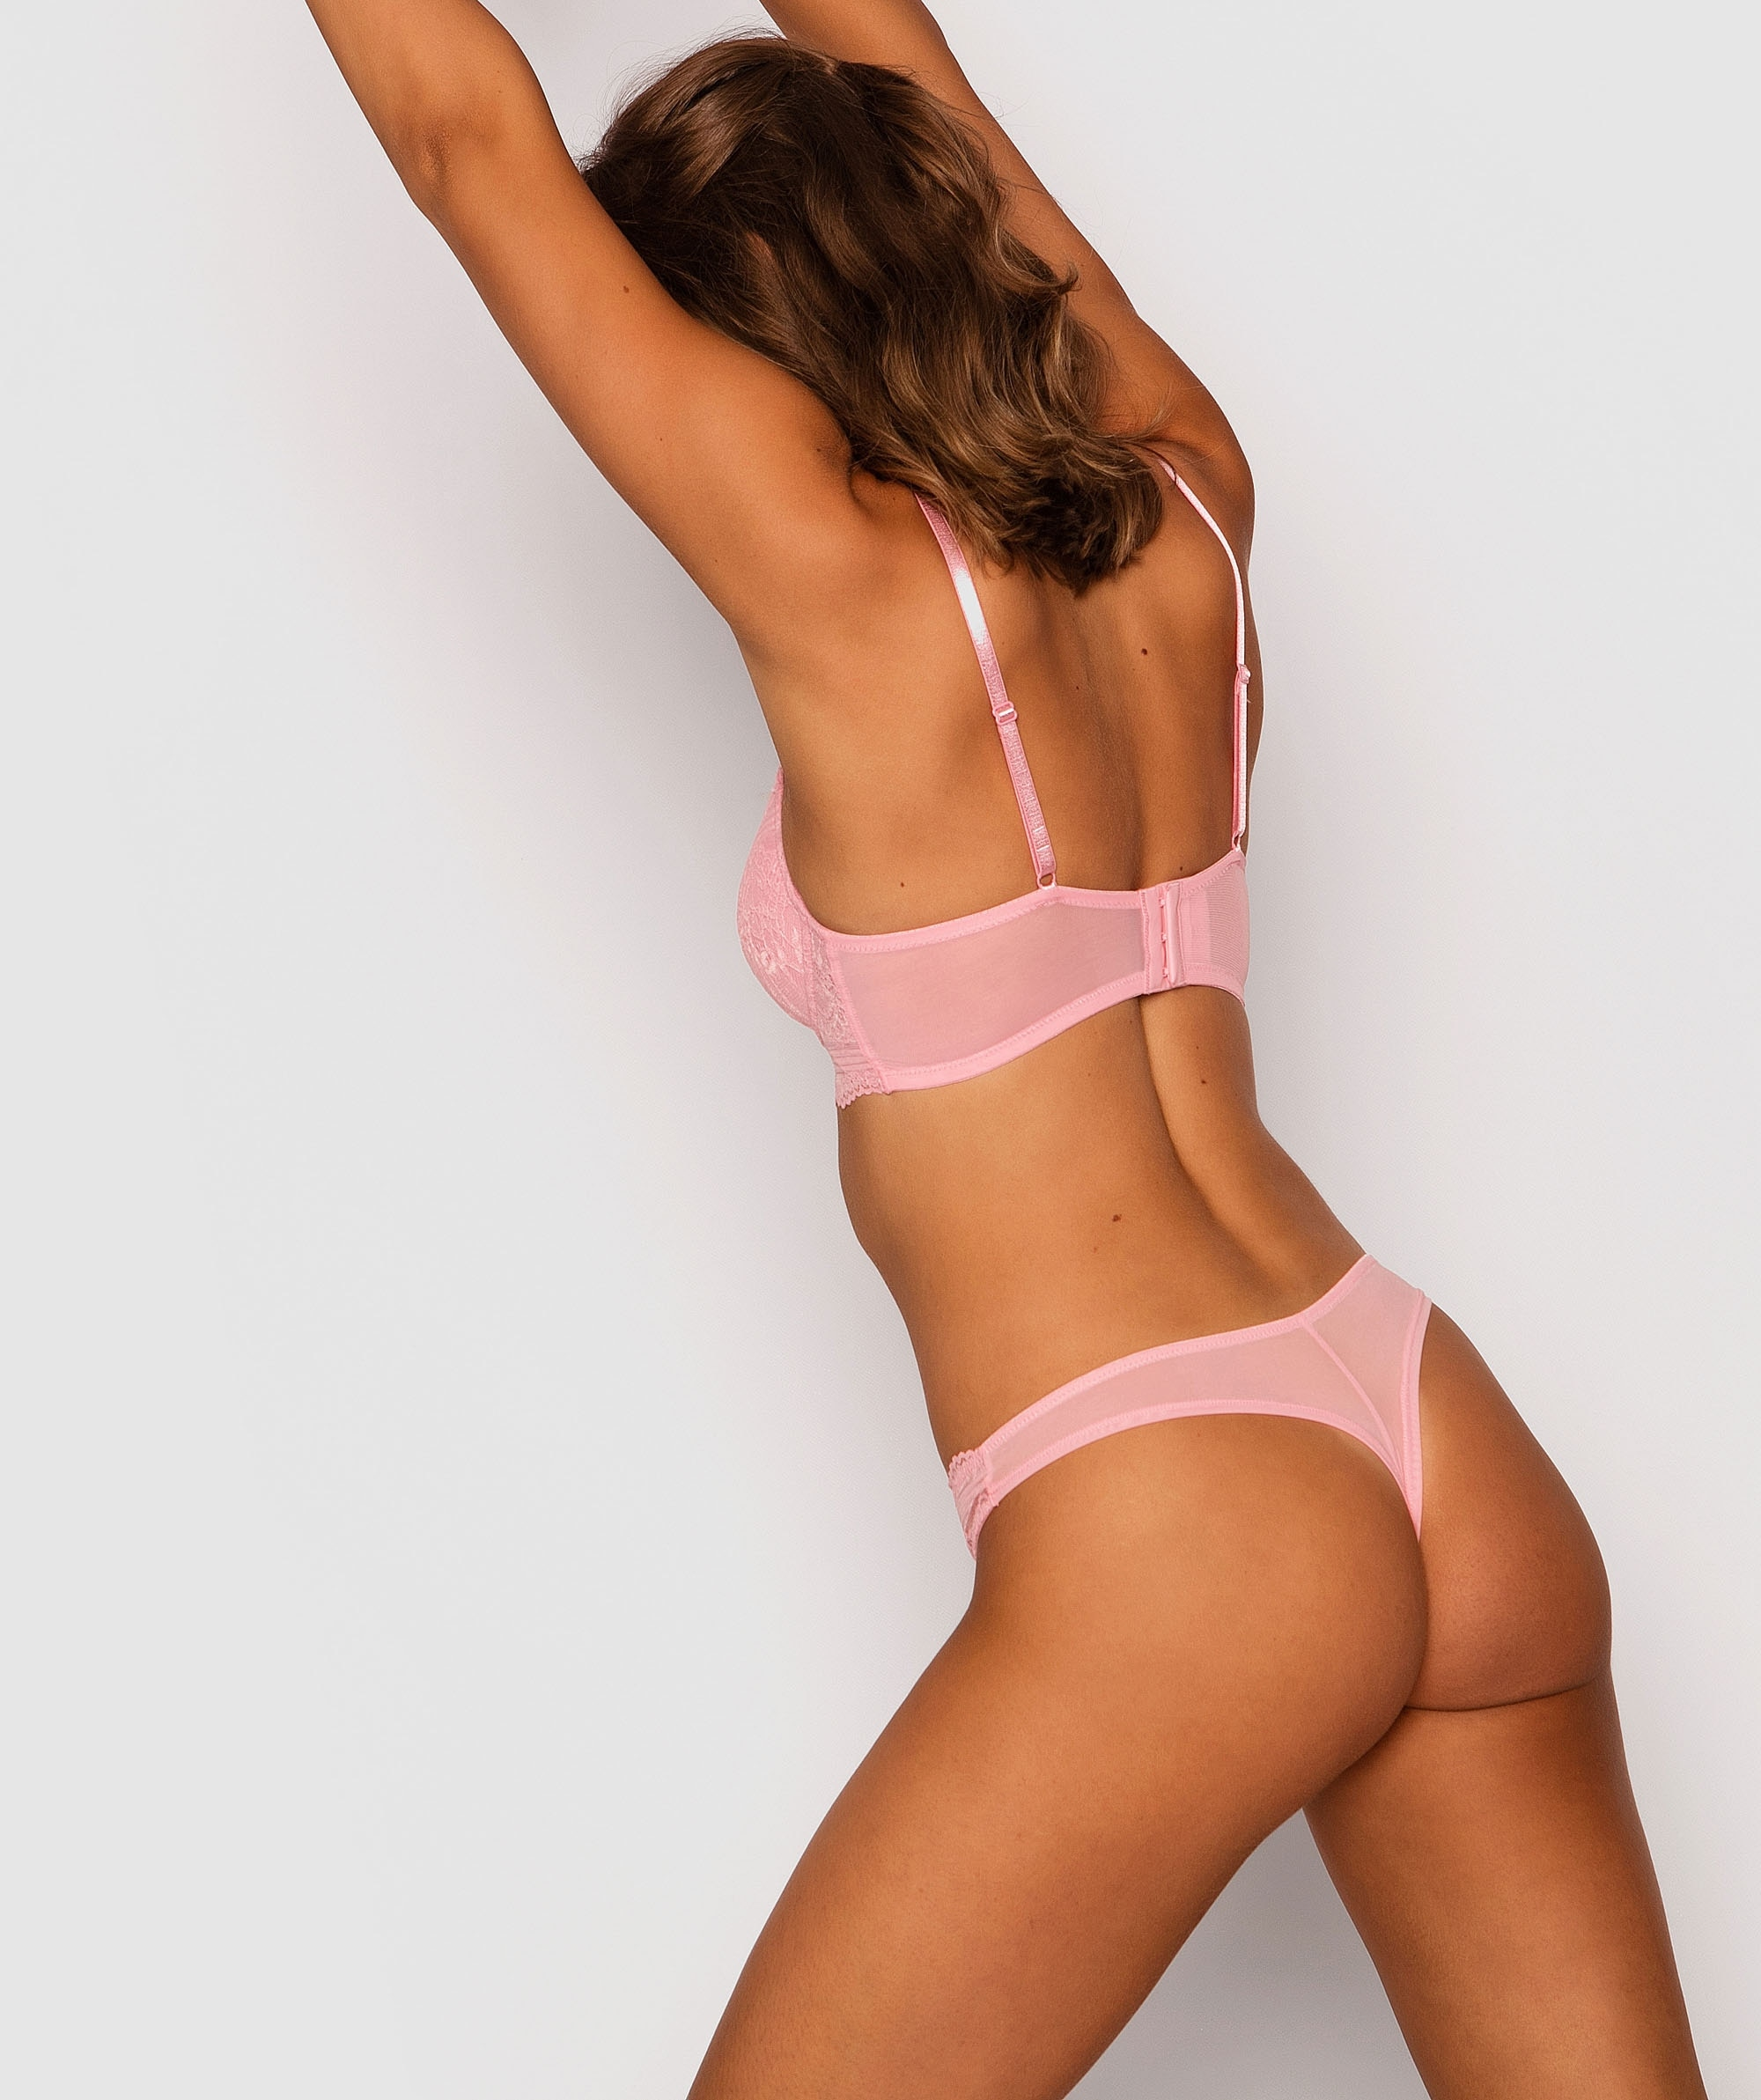 Olivia V String Knicker - Pink